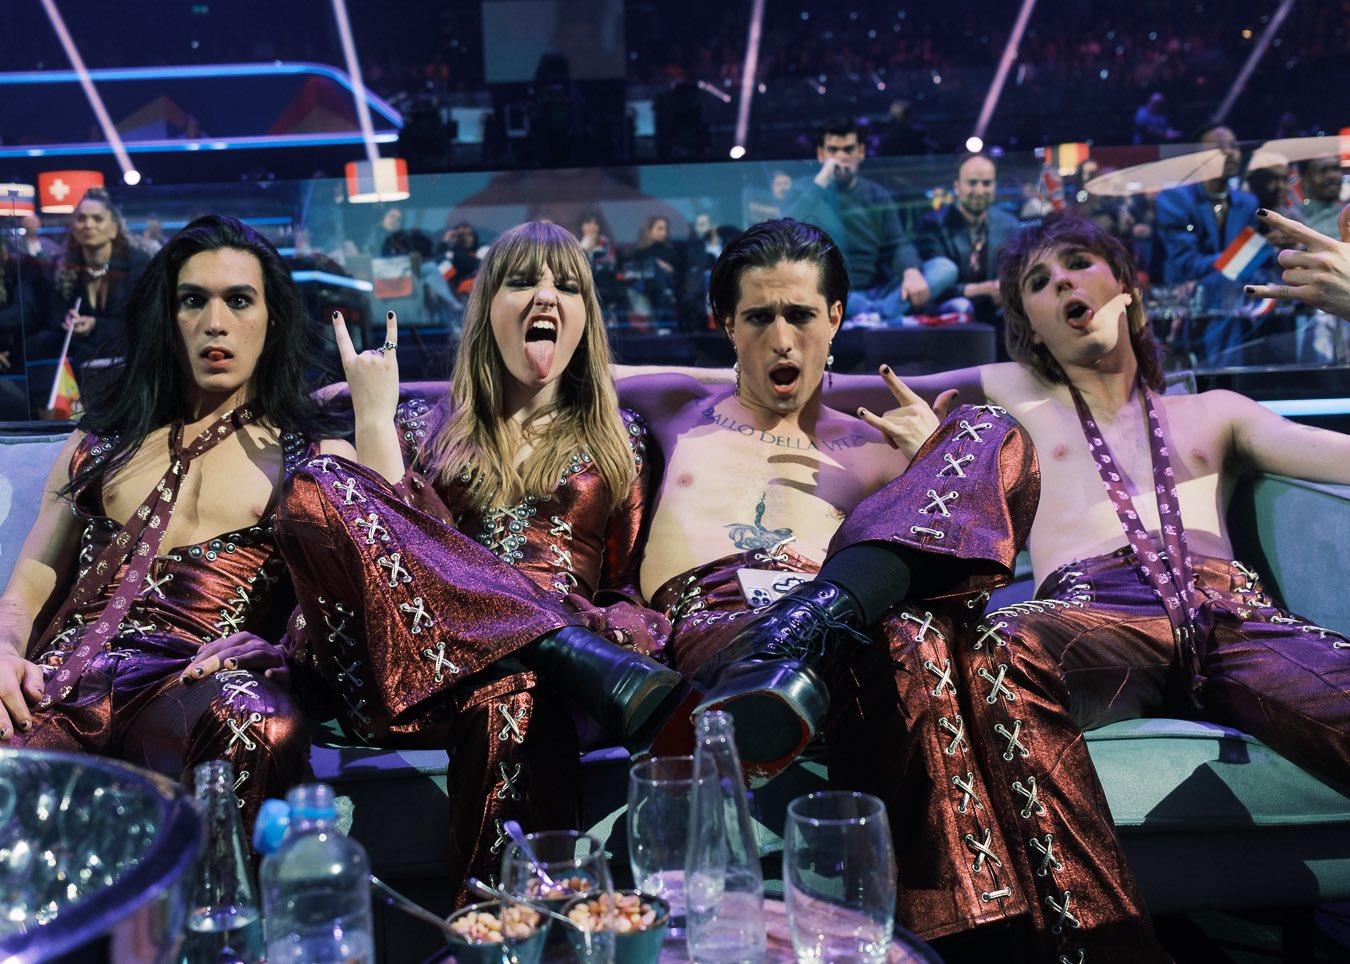 'Это невероятно': Итальянская группа Maneskin прокомментировала победу на Евровидении